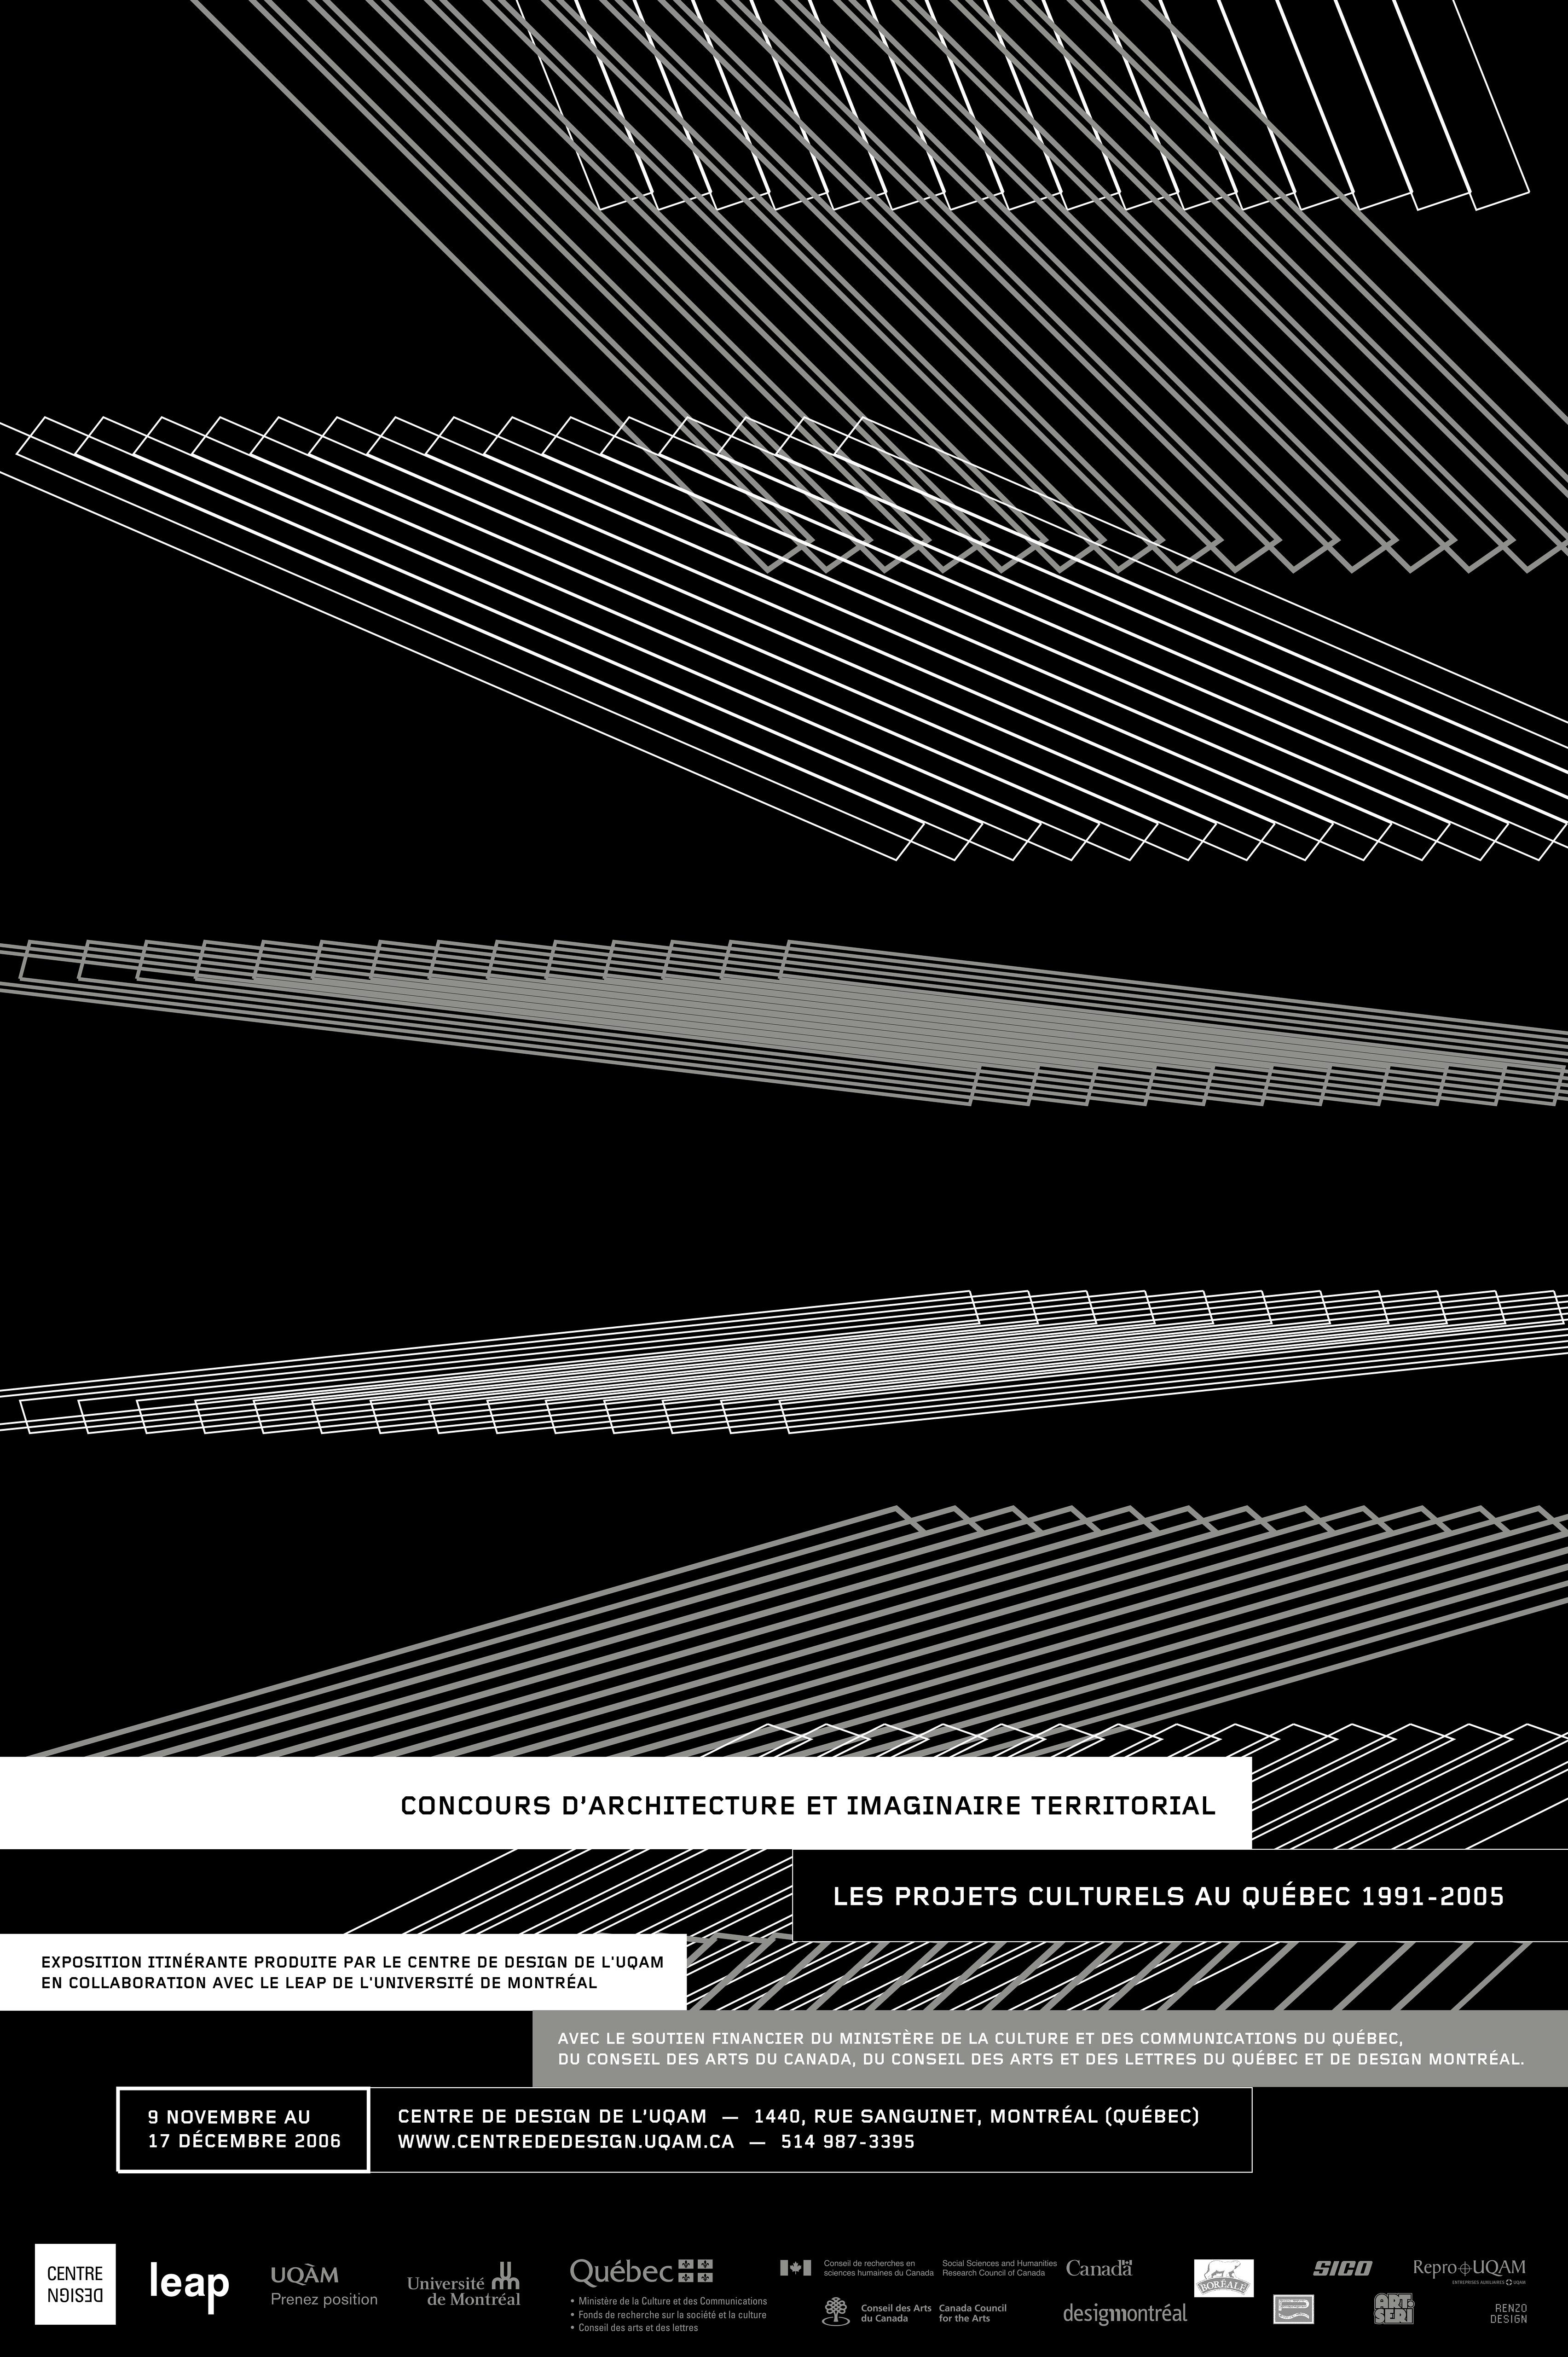 2006 - Exposition - Concours d'architecture et imaginaire territorial Les projets culturels au Québec de 1991 à 2005 ©Alexandre Renzo